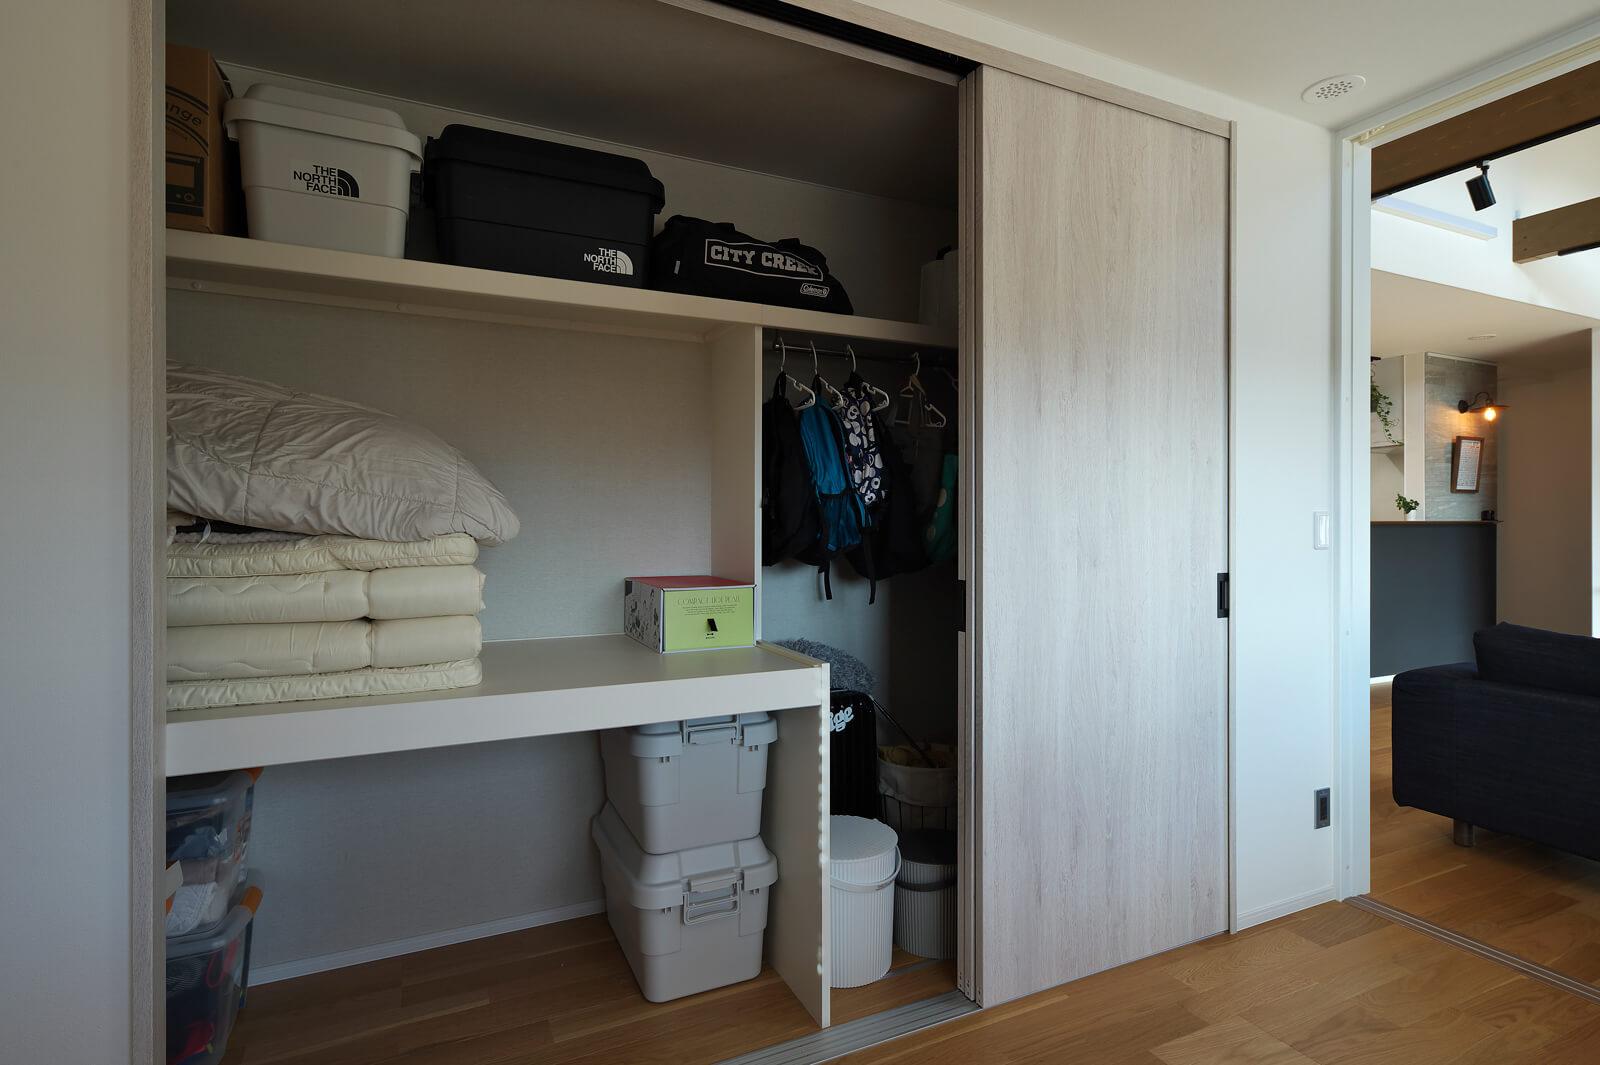 子ども部屋としても使えるように設けた洋室。広いクローゼットは収納のしやすさを考えて棚を造作している